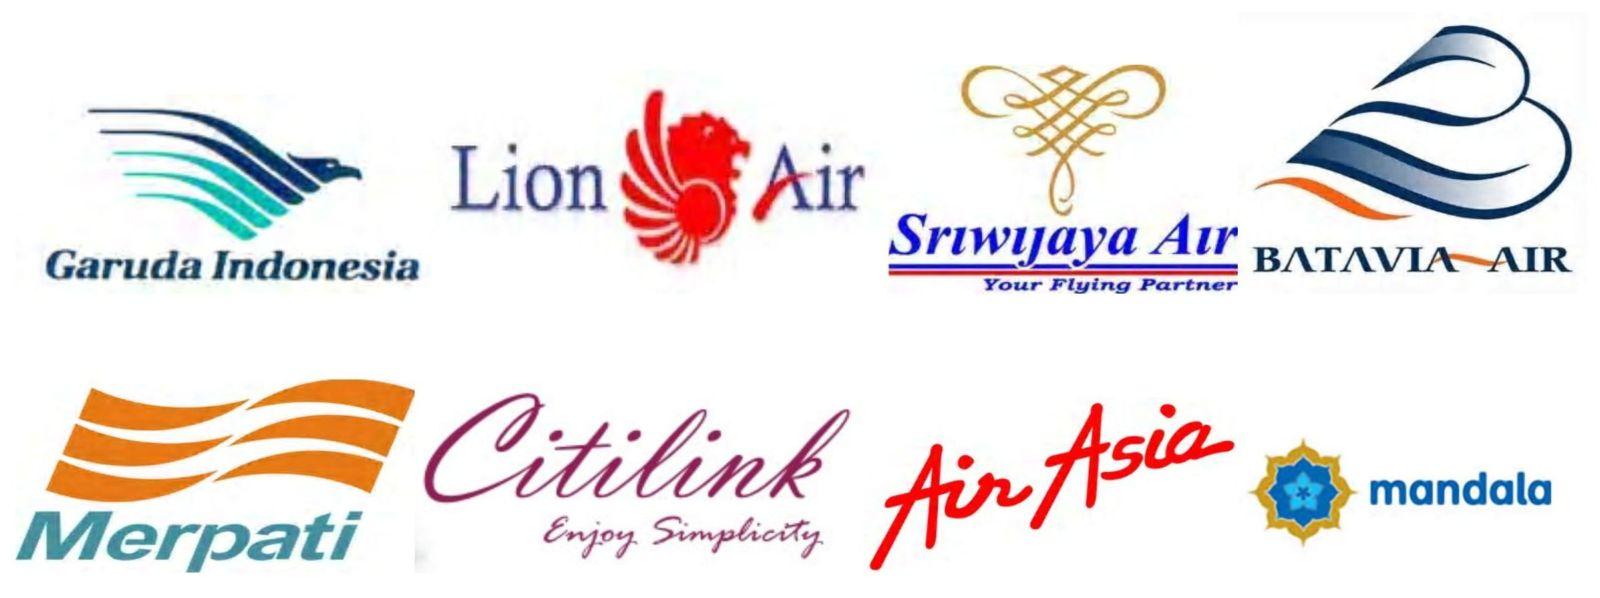 Download Tiket Pesawat Murah Ke Bali Lorazapm And Morphine Given